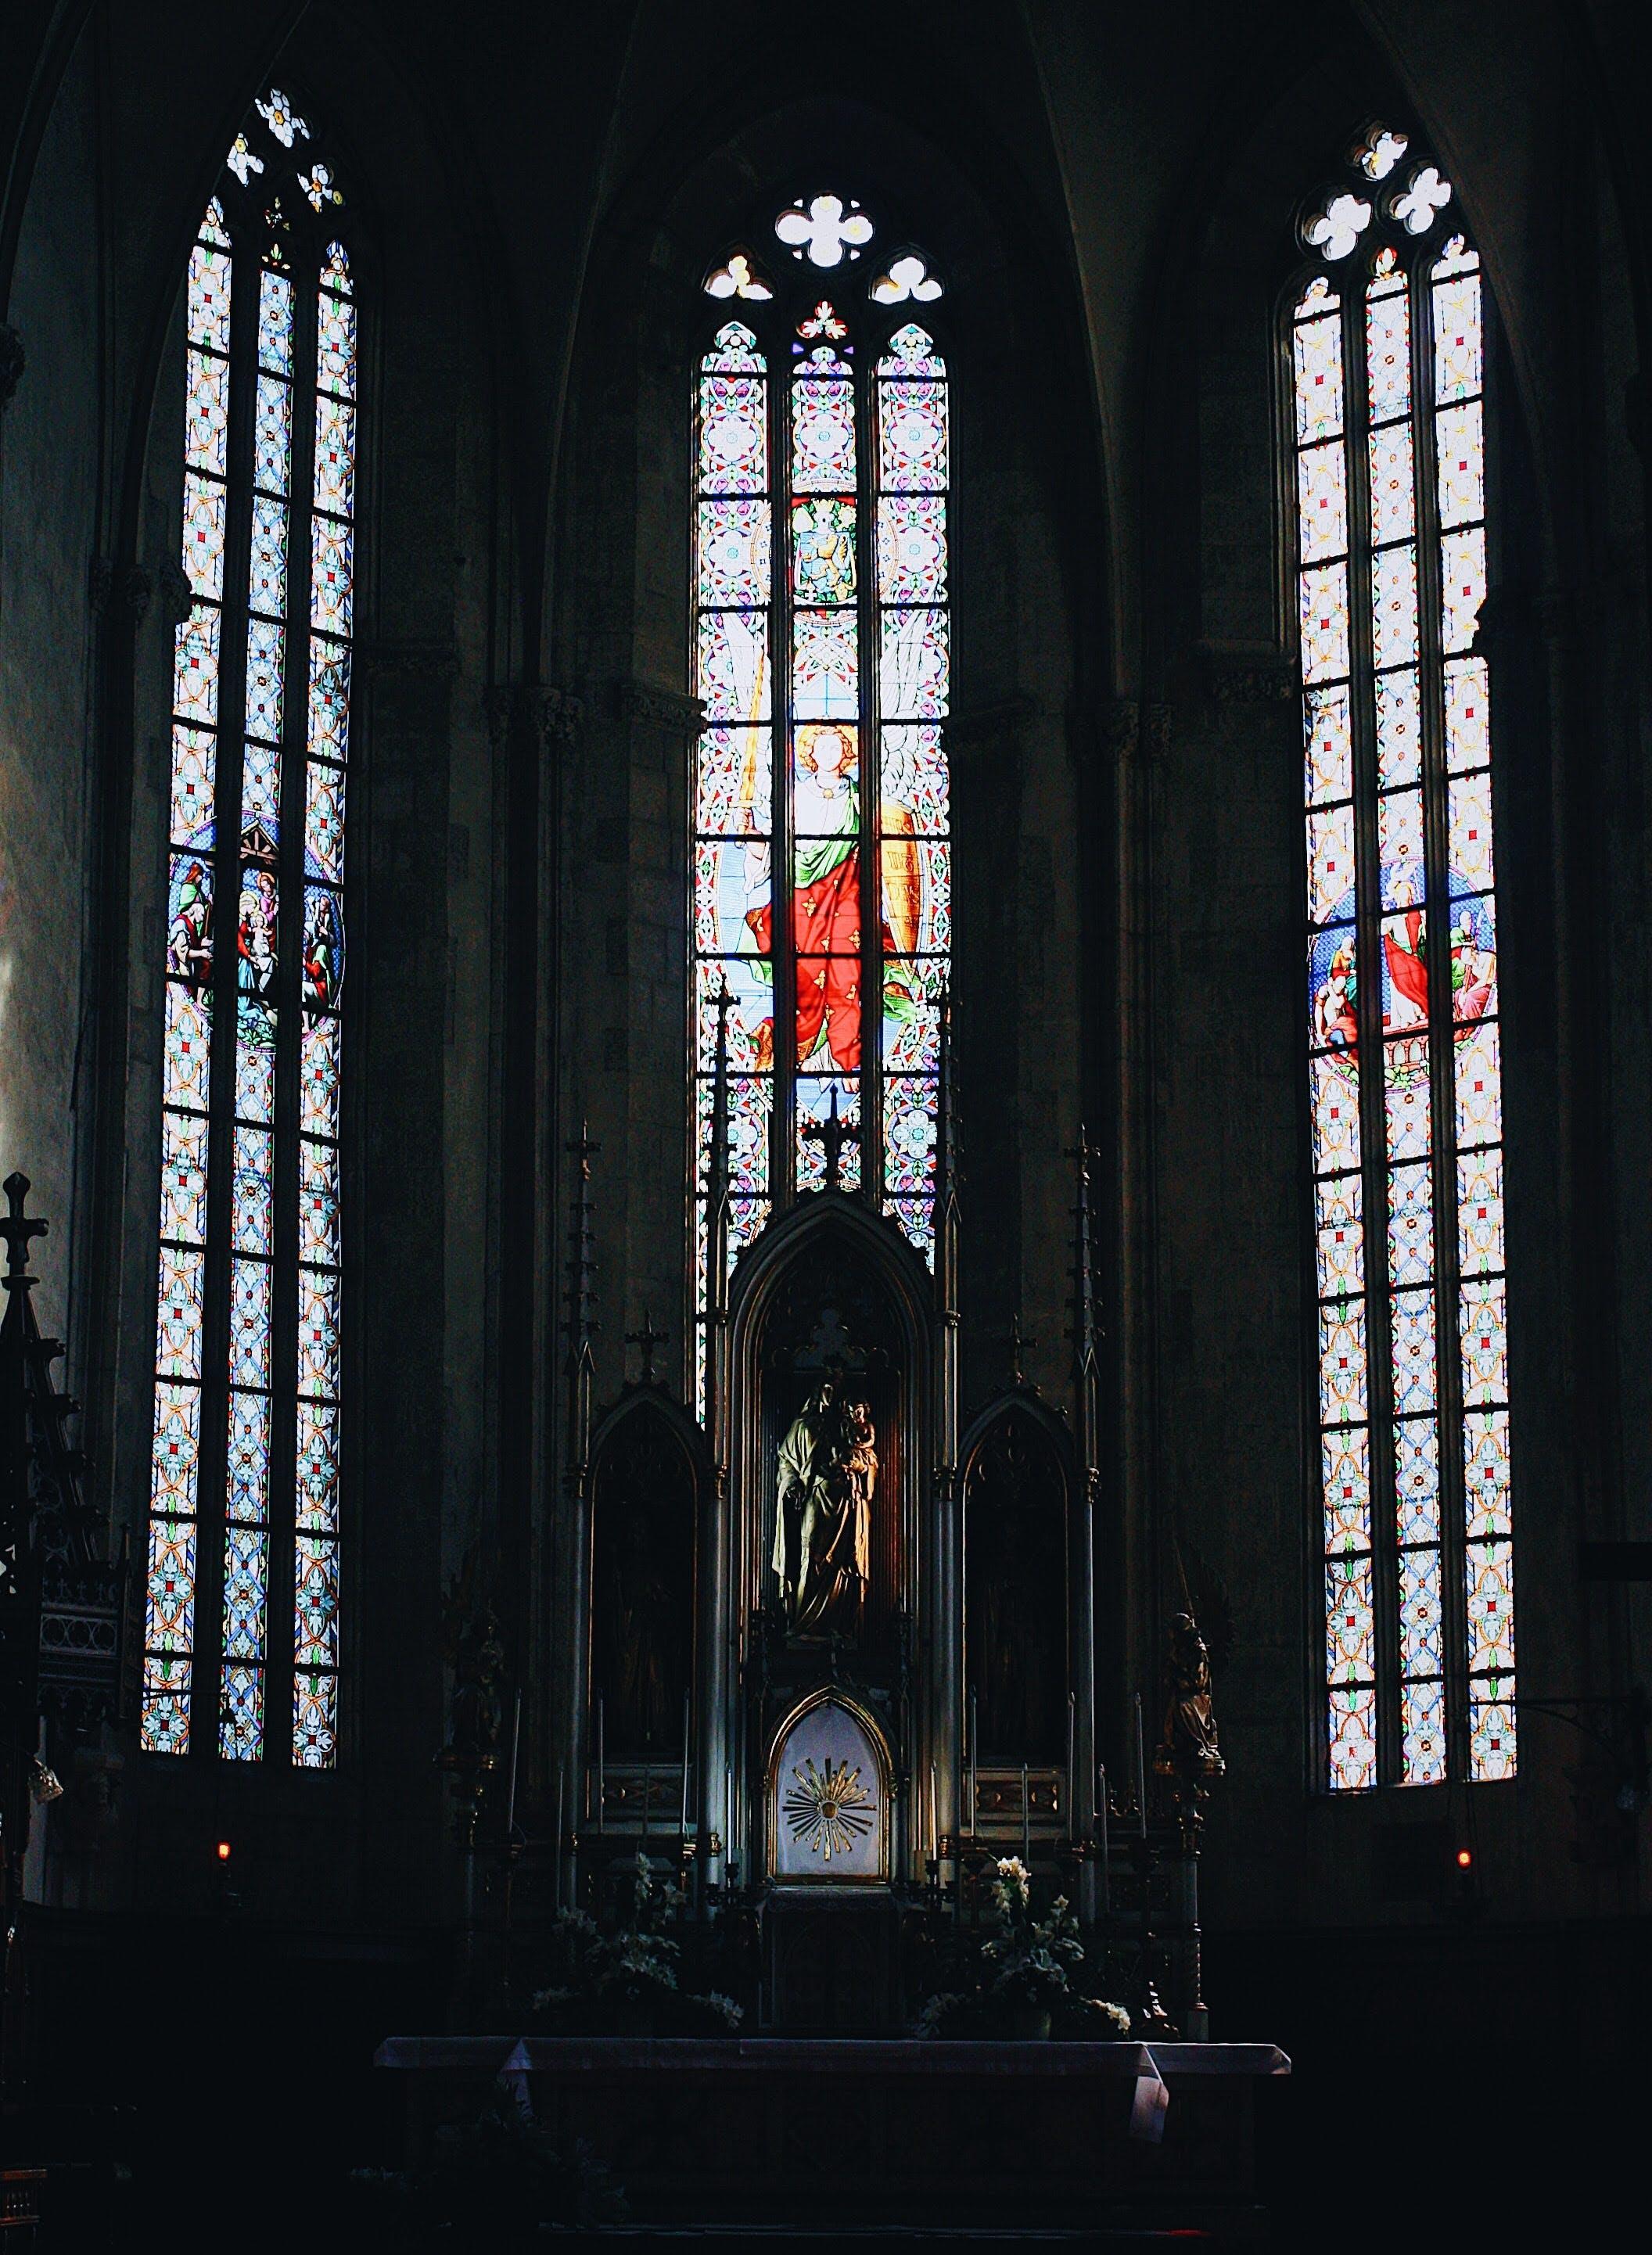 Fotos de stock gratuitas de abadía, adentro, altar, antiguo